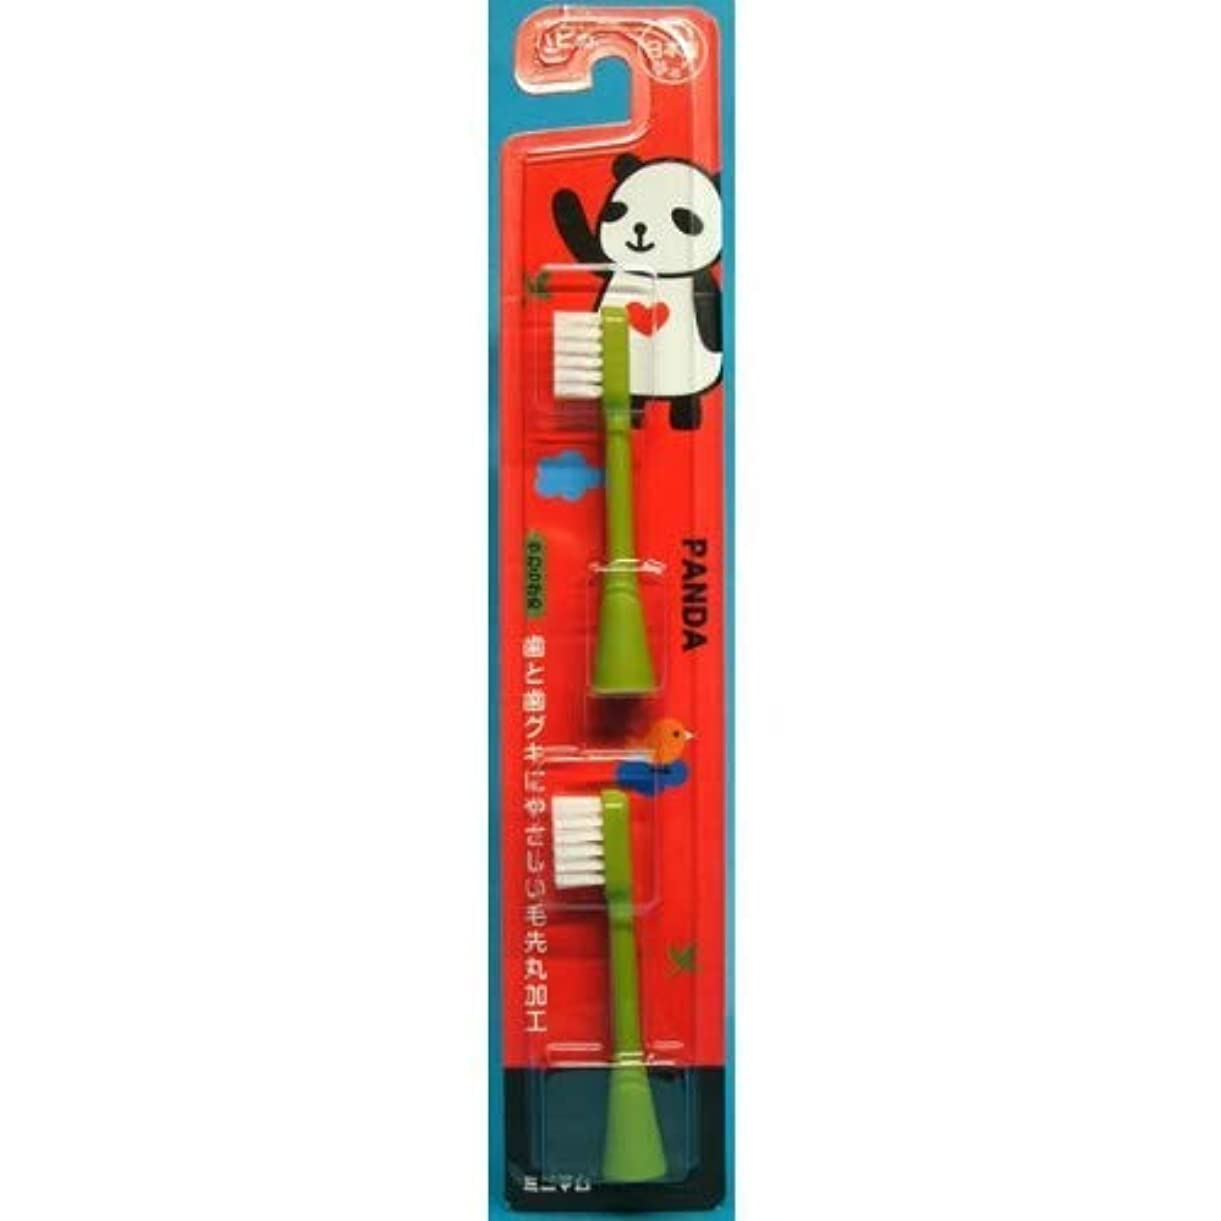 汚いコレクションフォーマルミニマム 電動歯ブラシ用 替ブラシ パンダ ハート BRT-7G 2本入